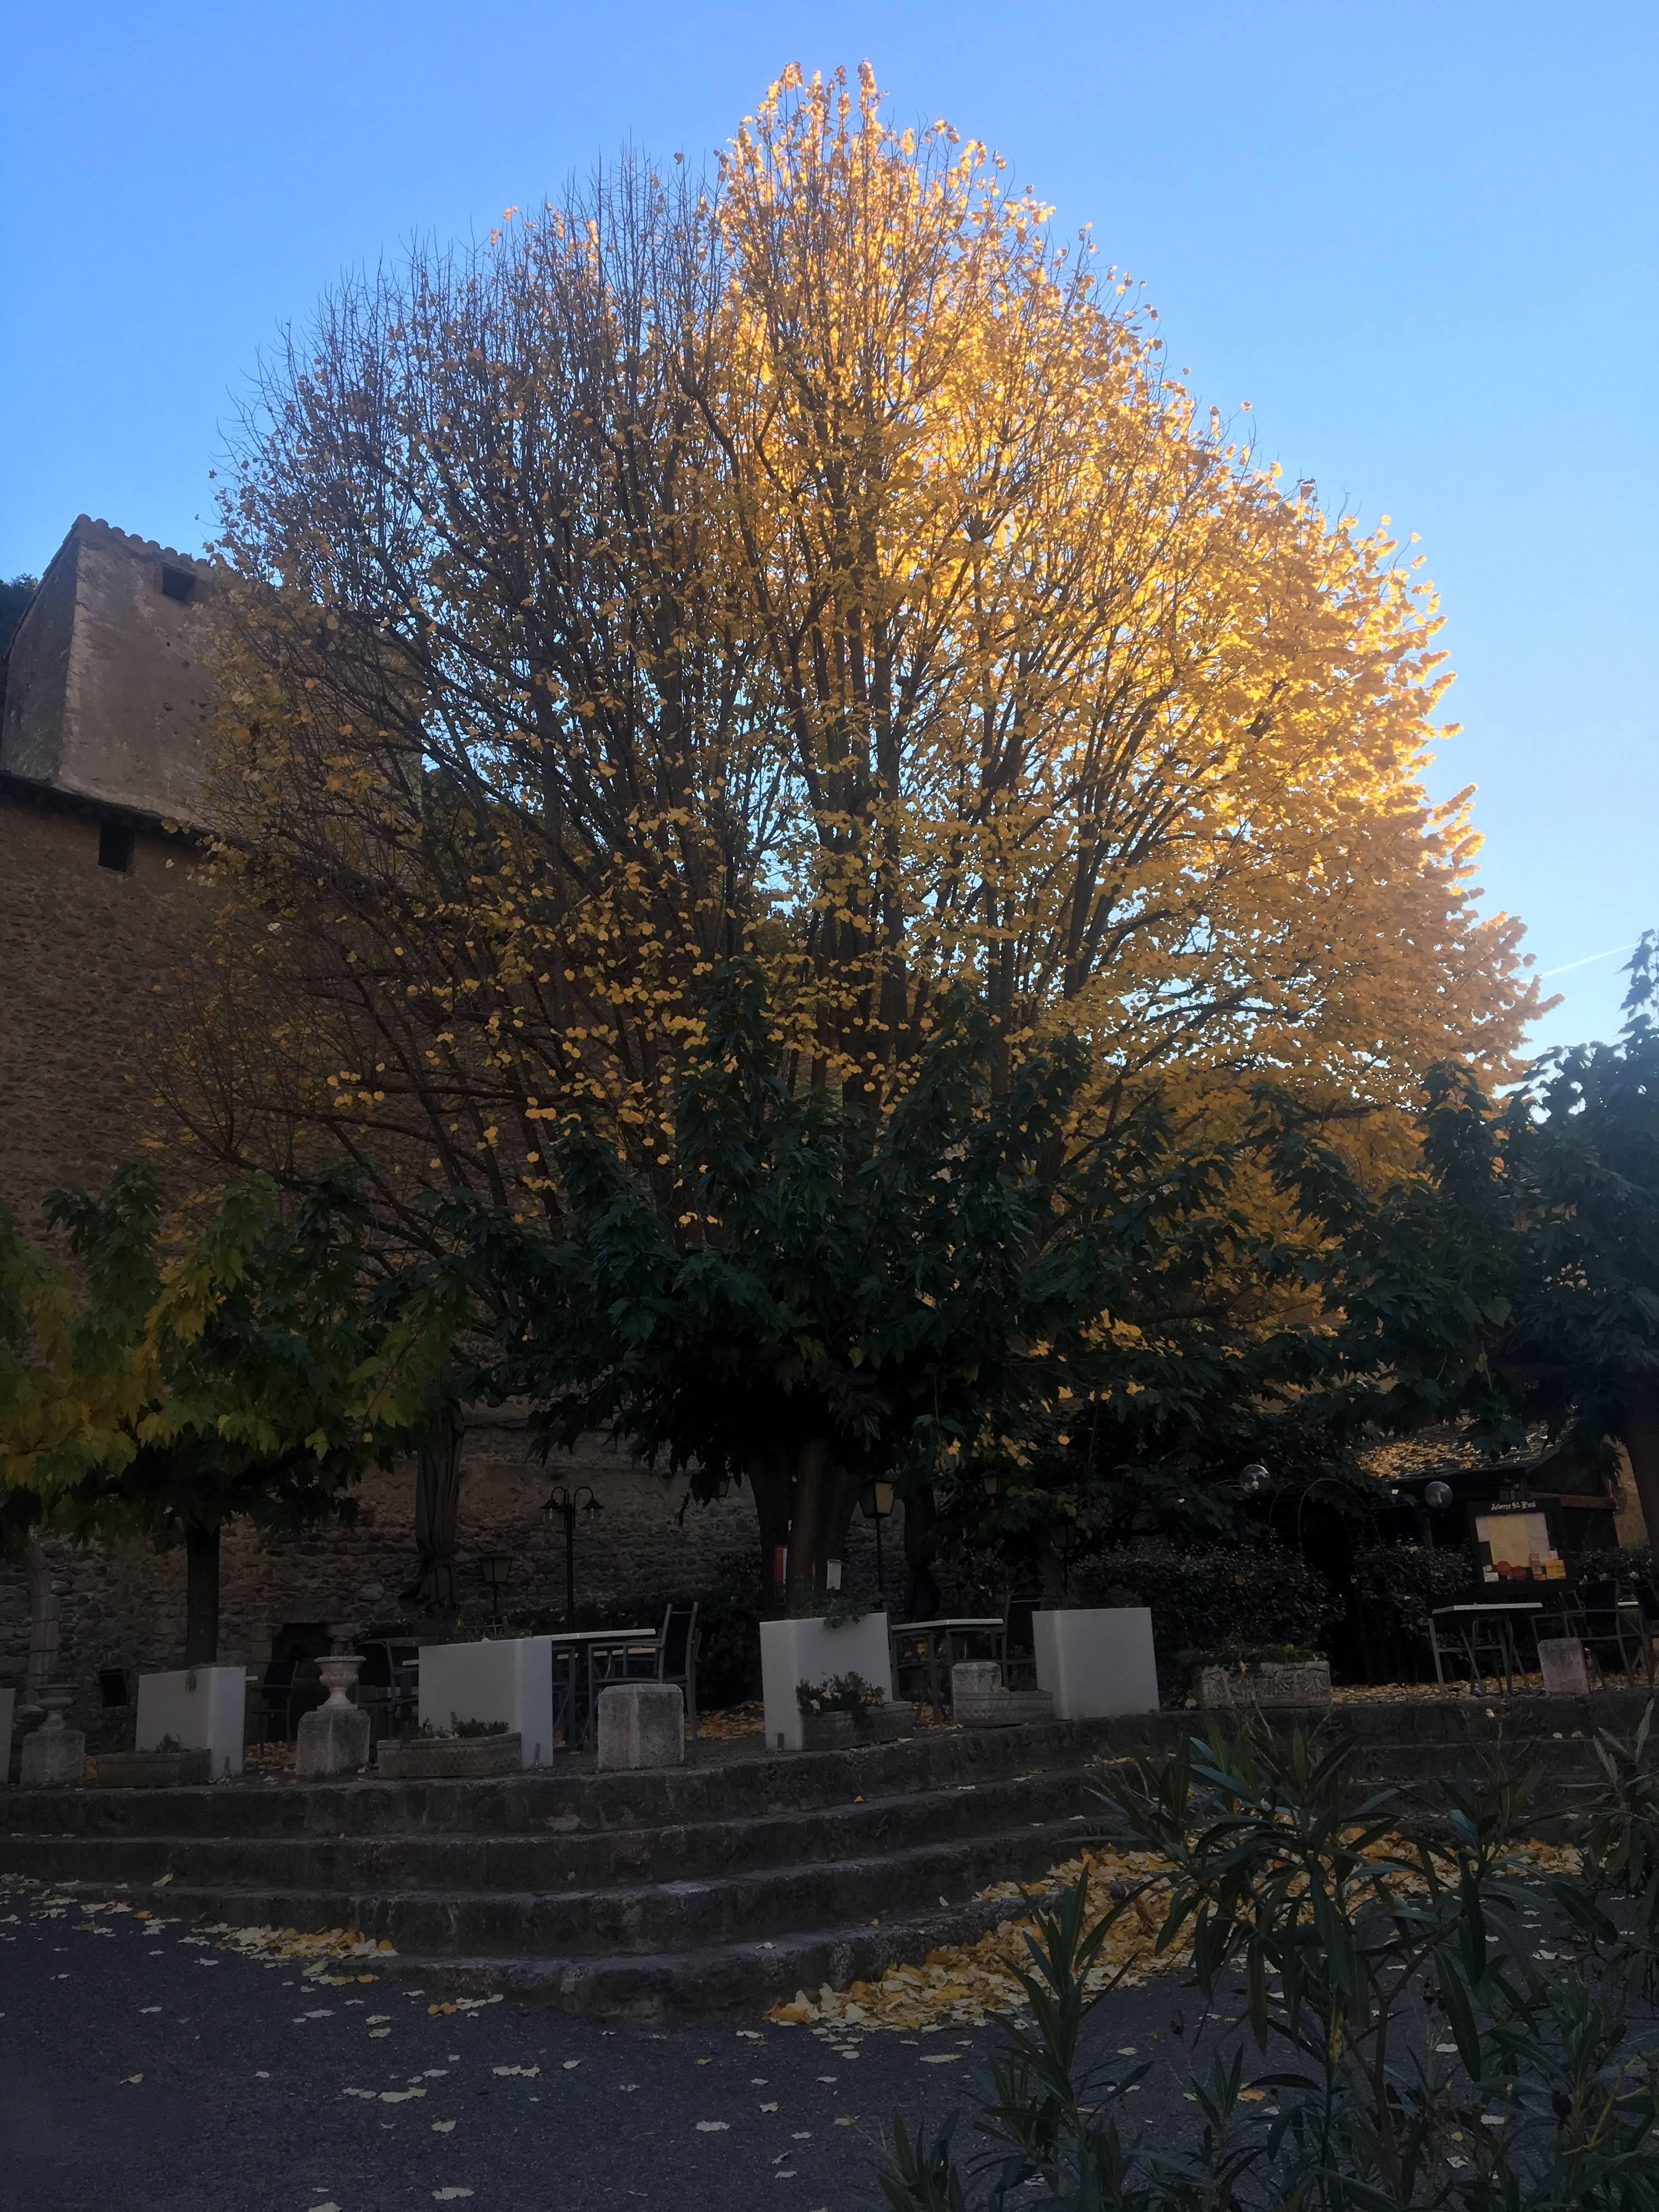 Photo 1: Villefranche-de-conflent